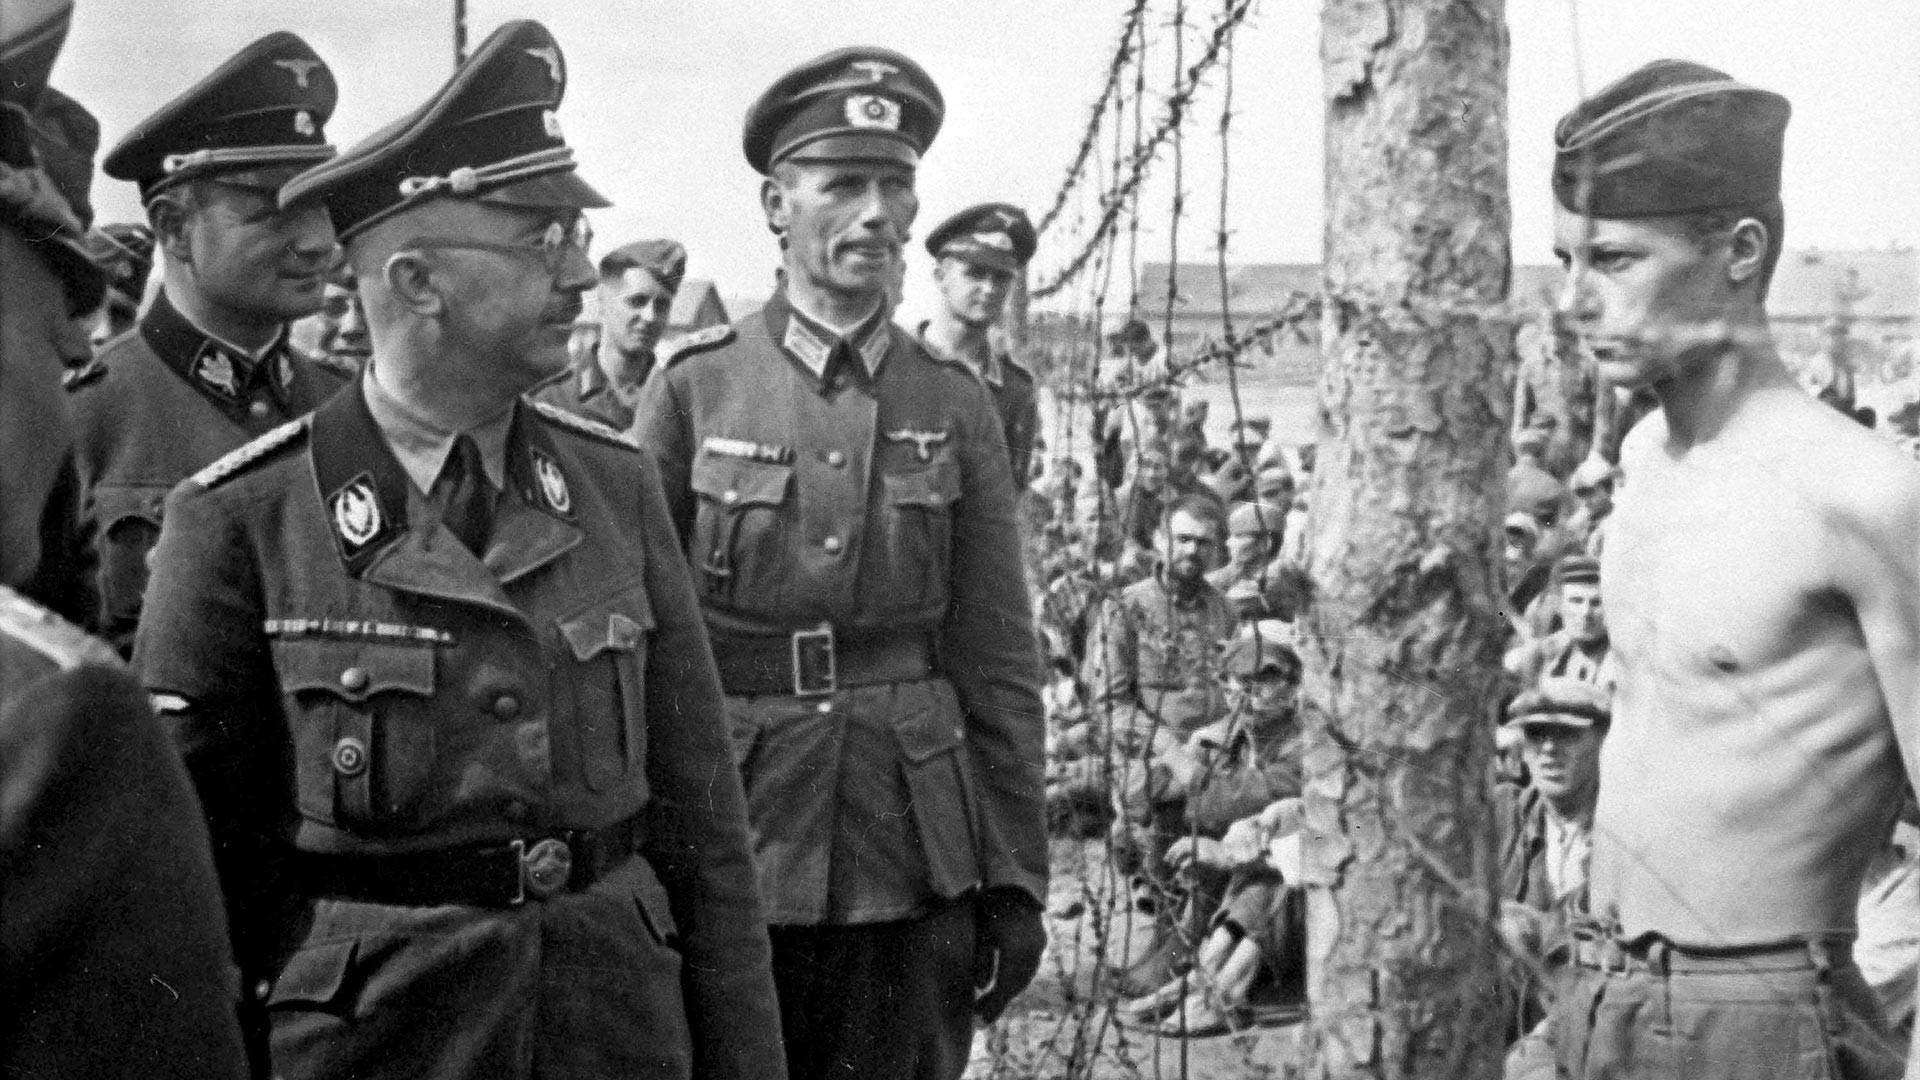 Гиммлер инспектирует лагерь для военнопленных, около 1941—1942 гг.